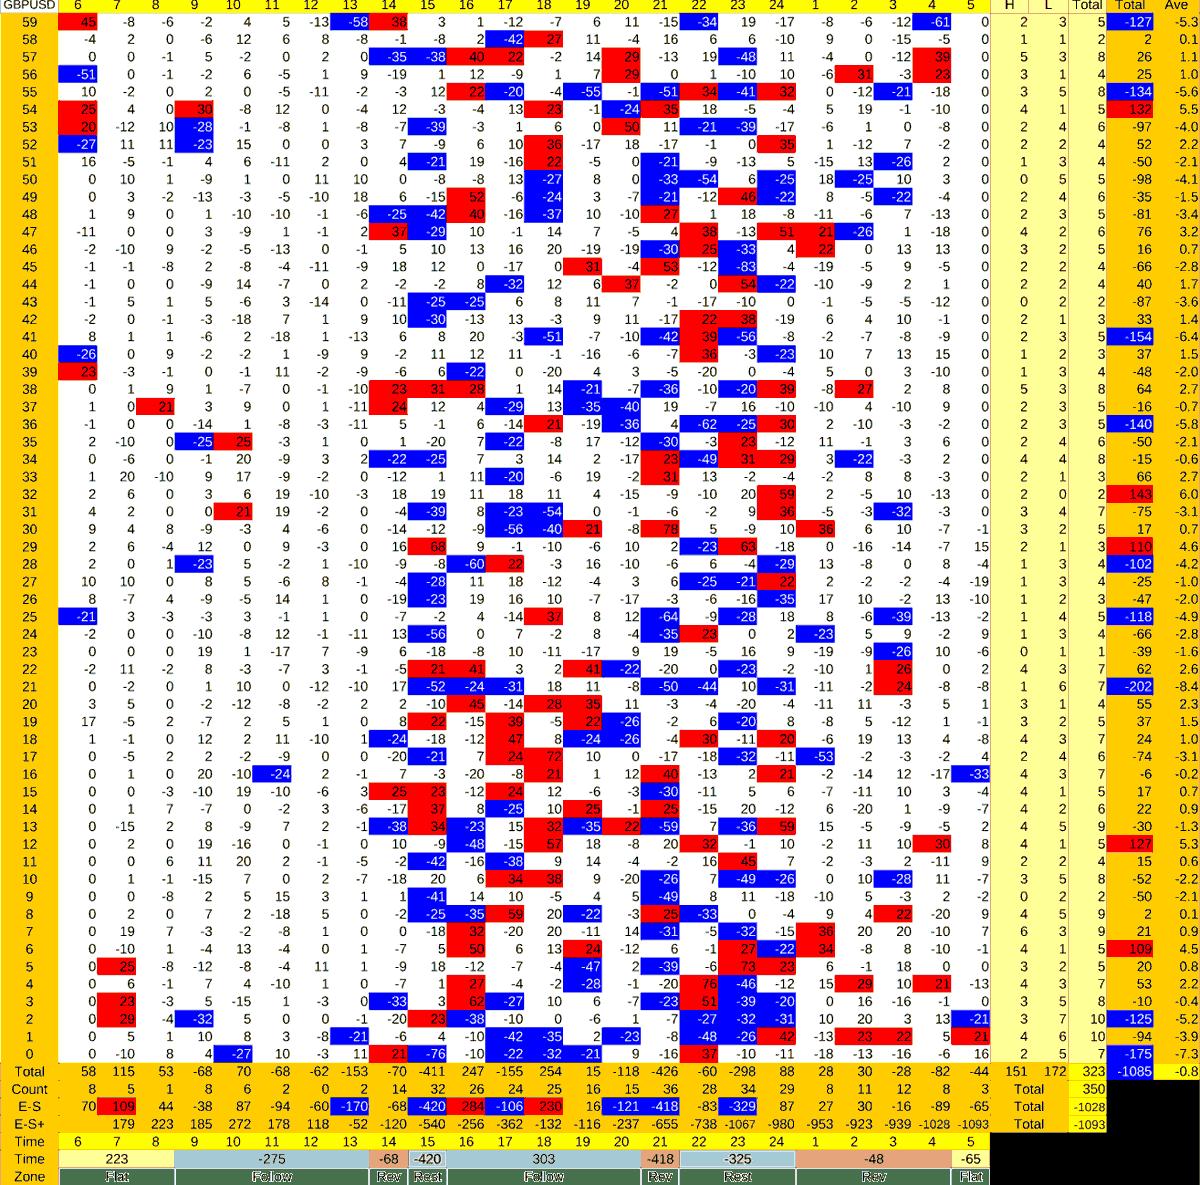 20210618_HS(2)GBPUSD